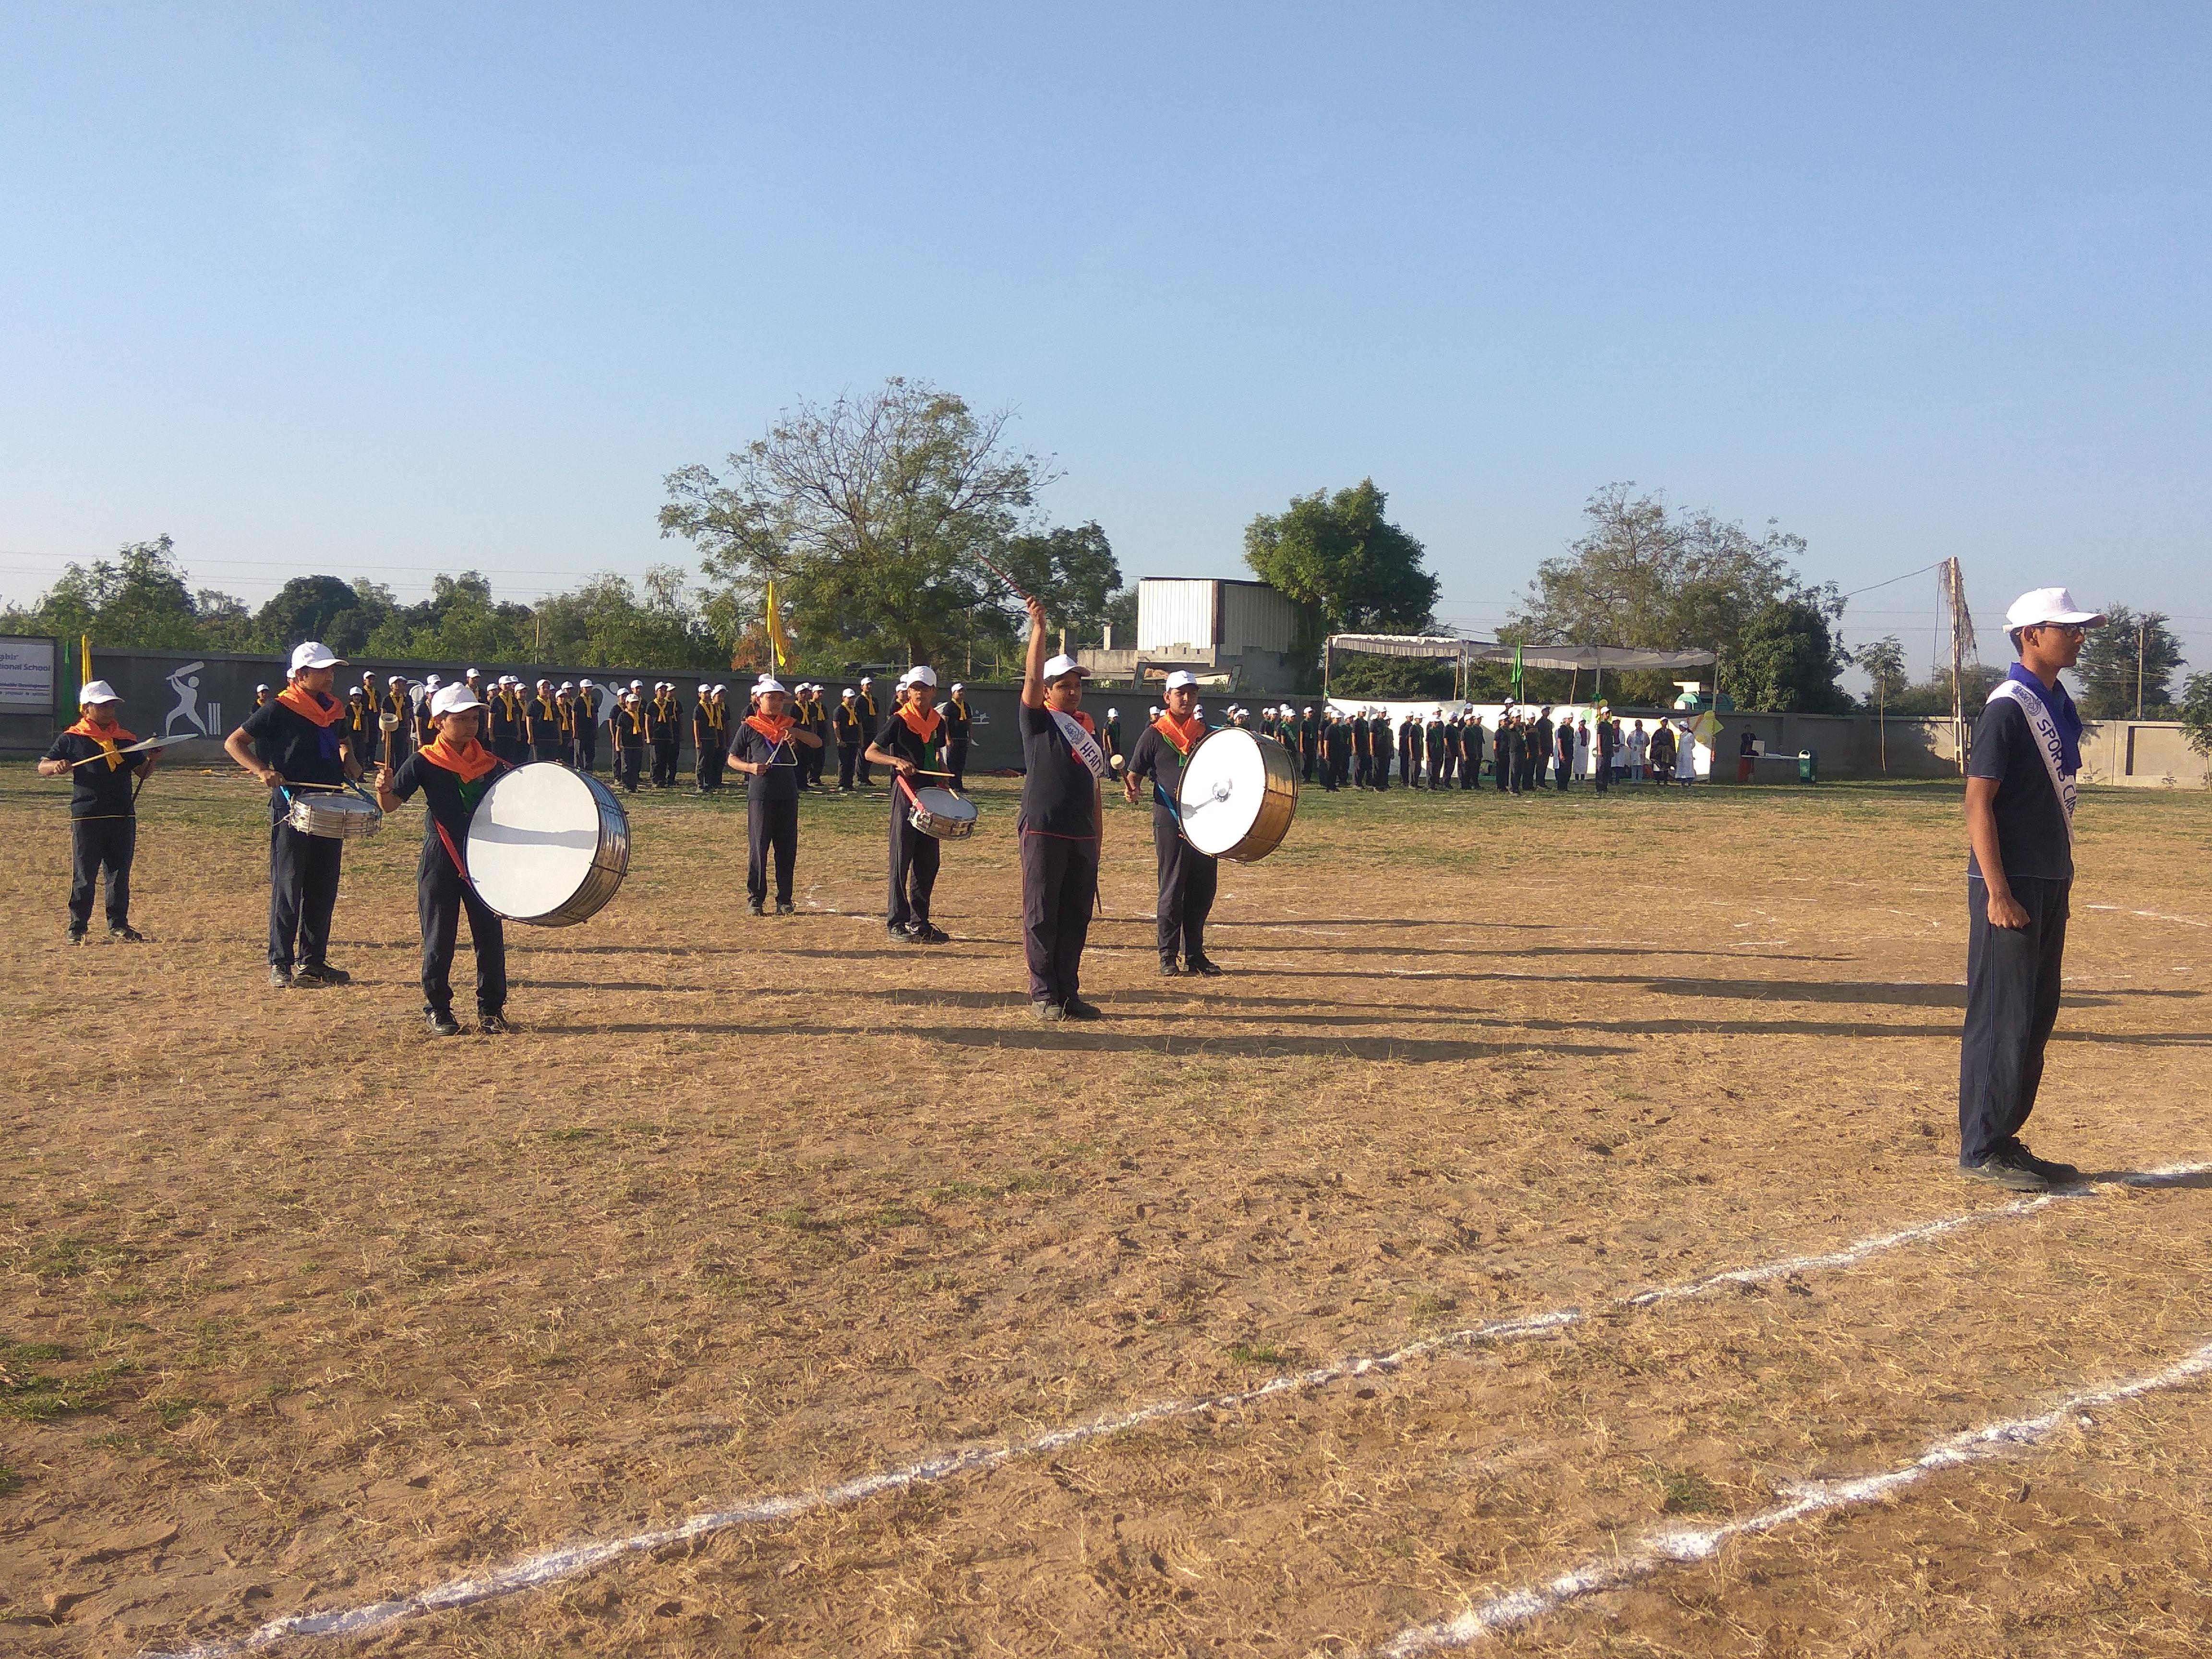 Drum Display